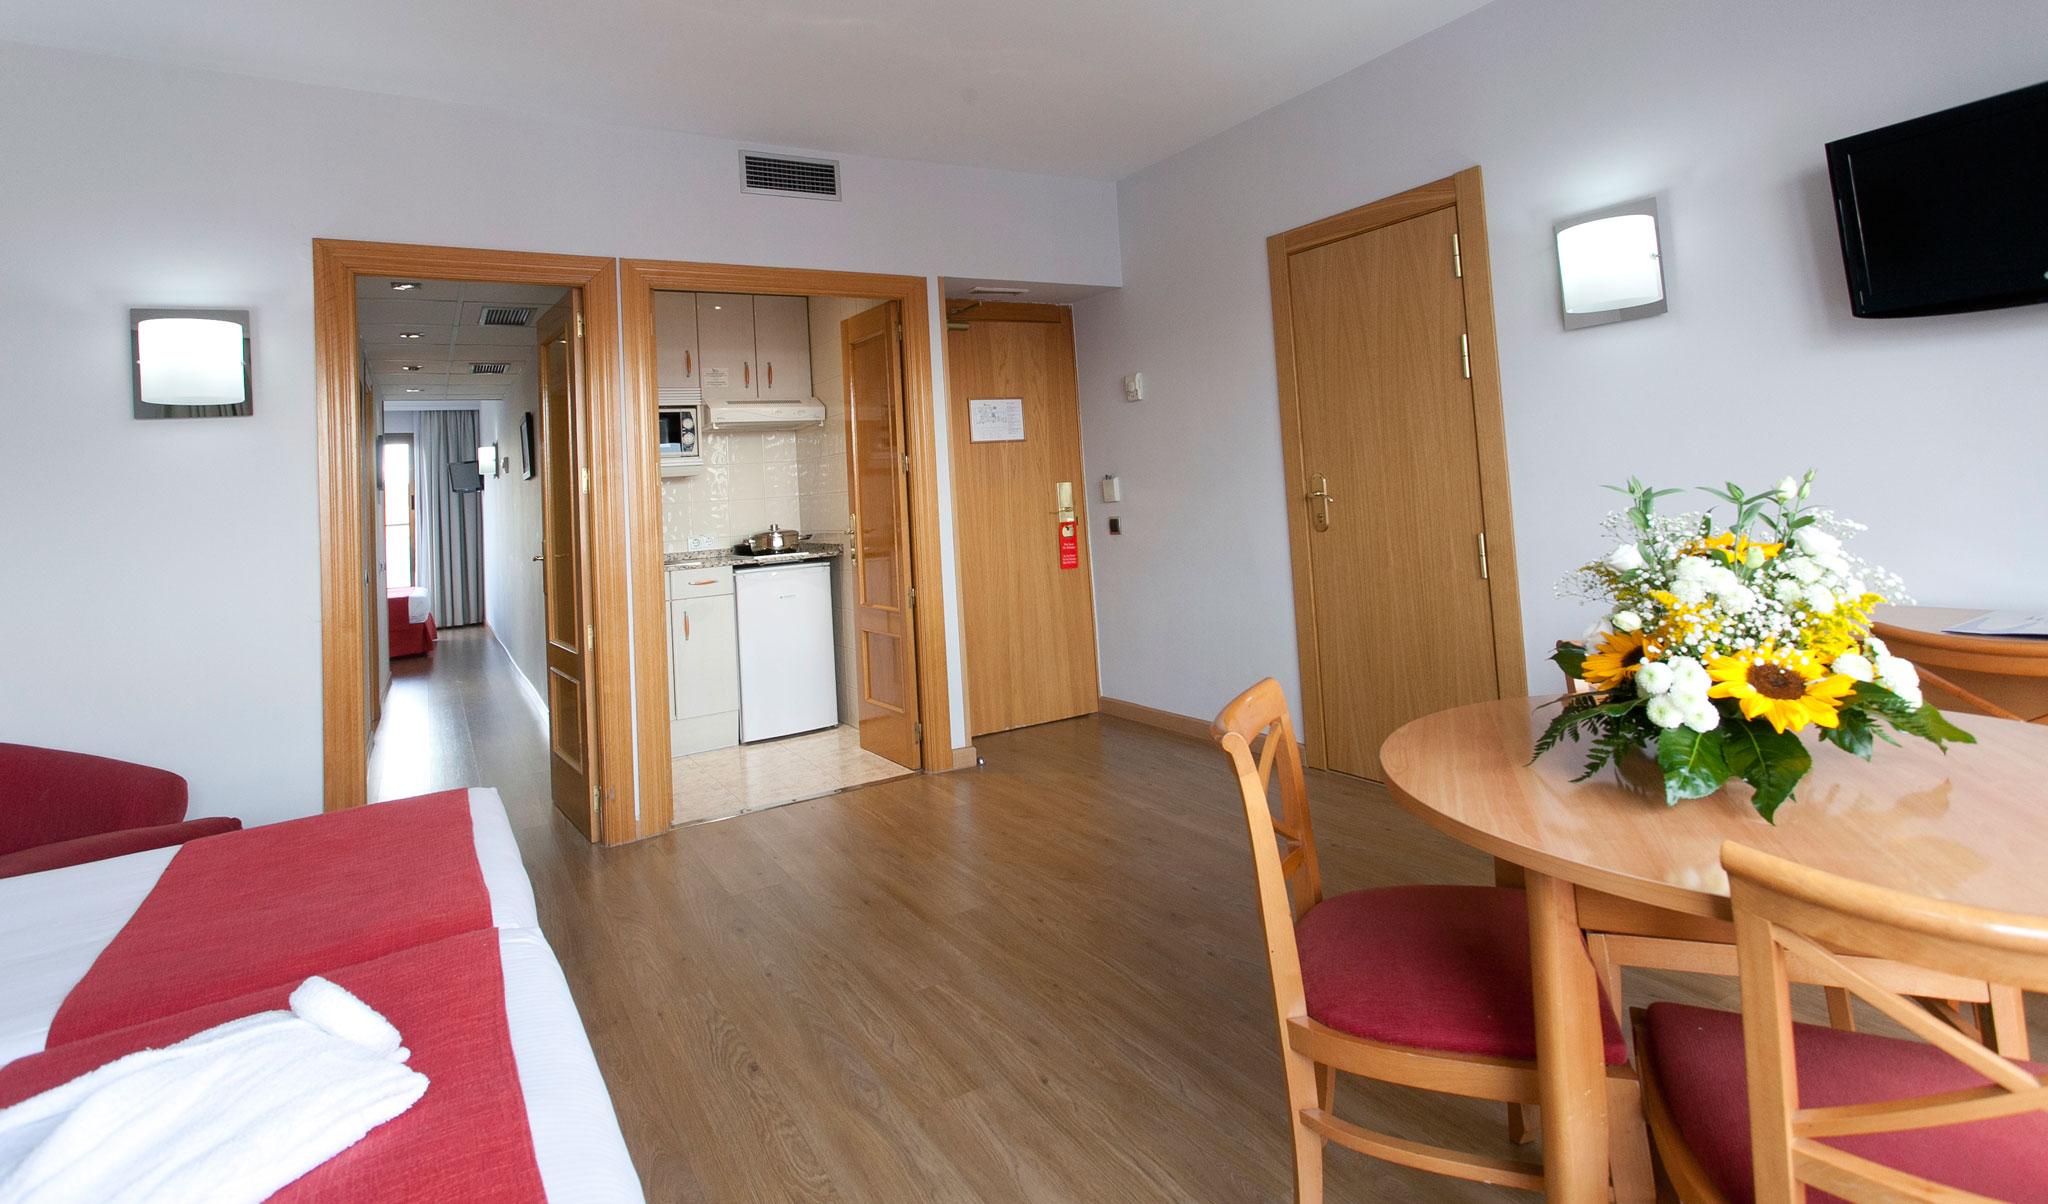 Aparto Suites Muralto Madrid - Official Site